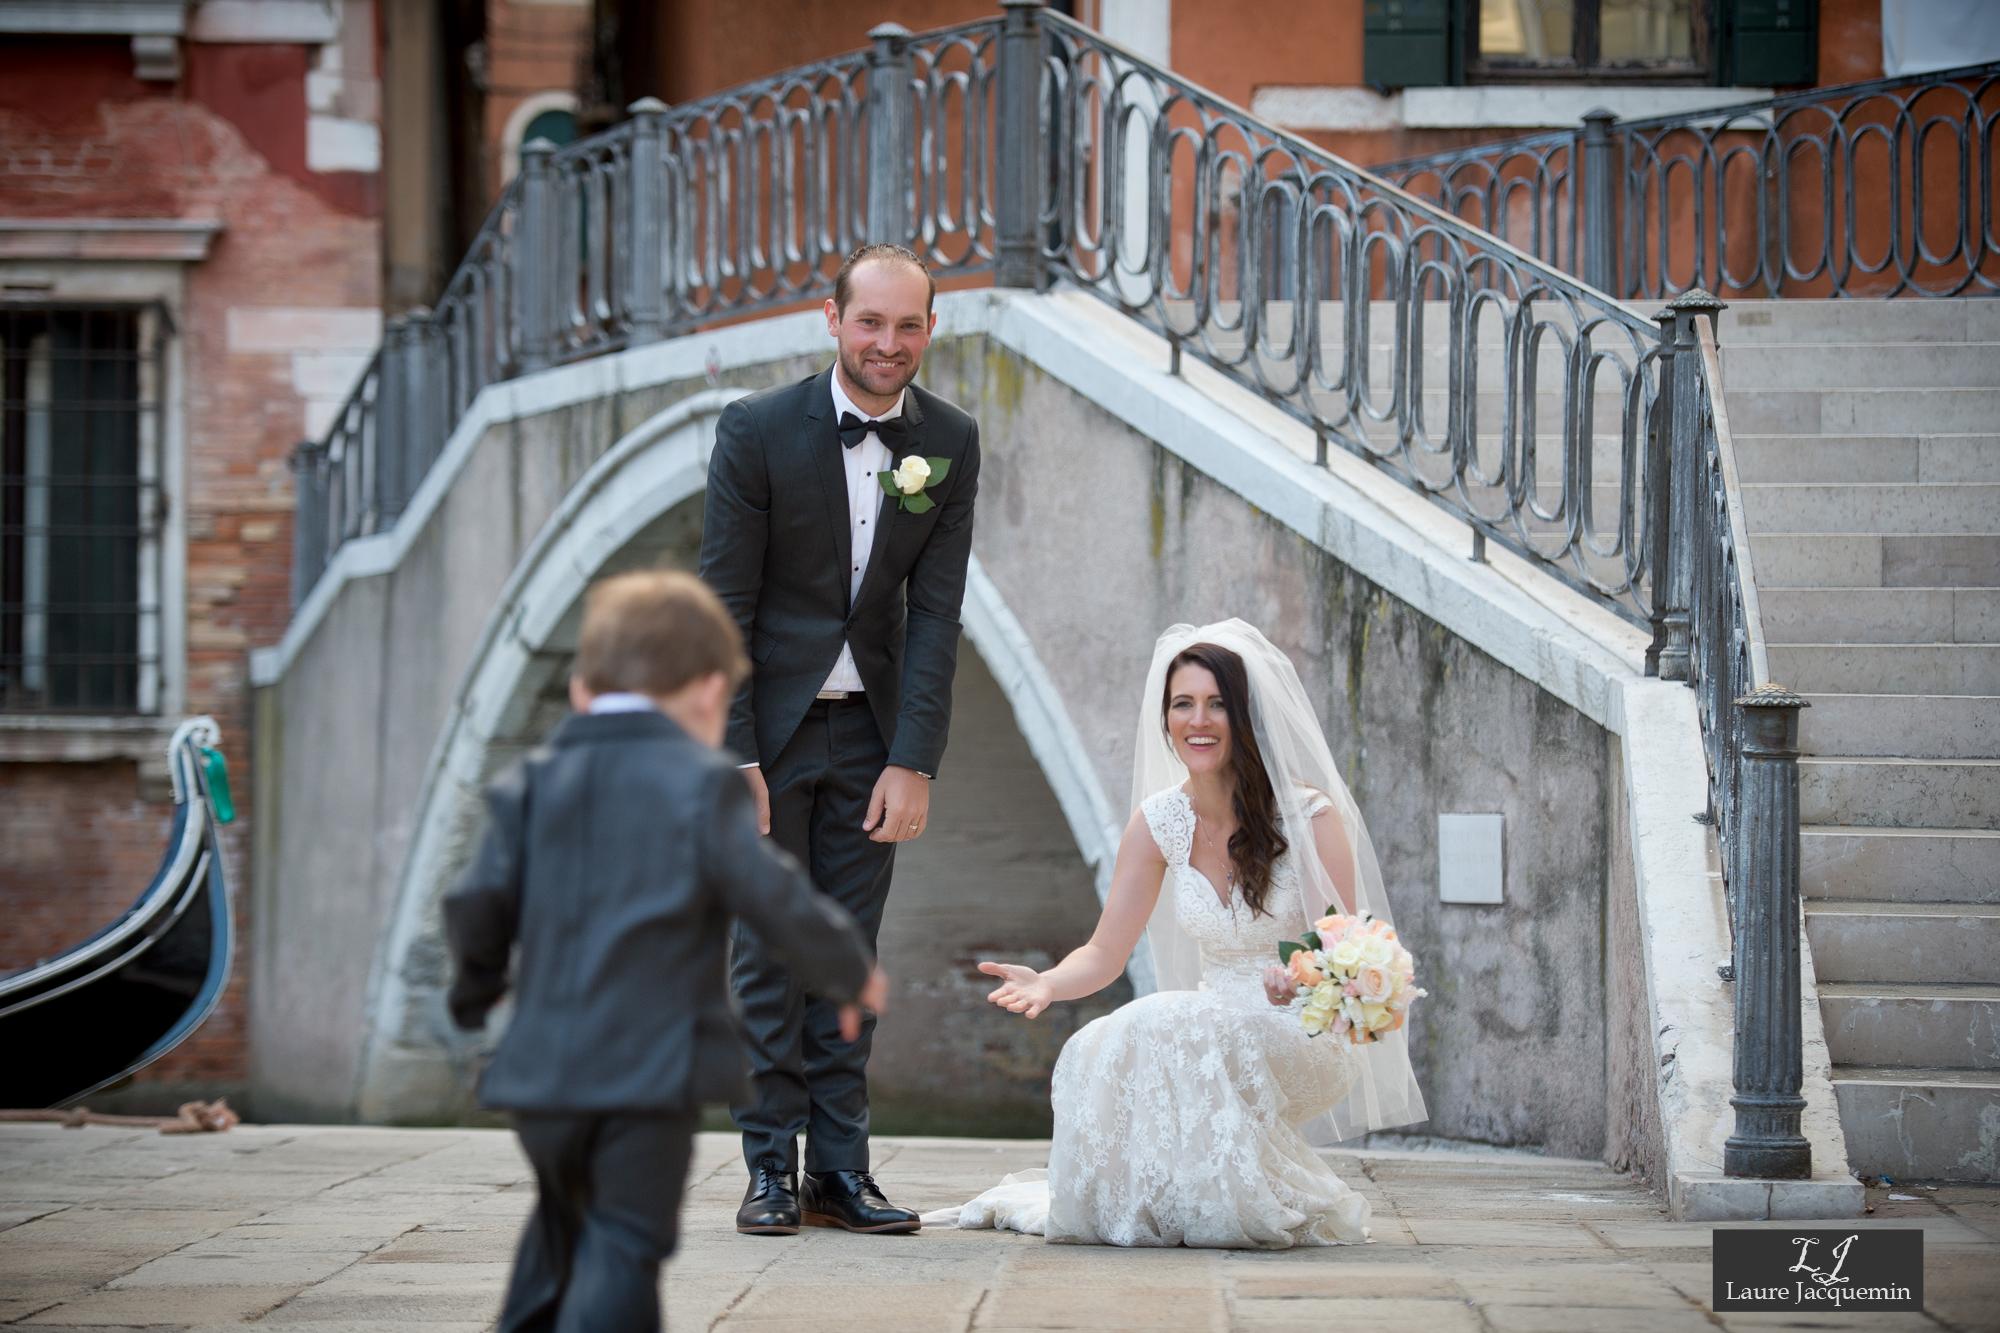 photographe mariage laure jacquemin palazzo cavalli service photographique (73)